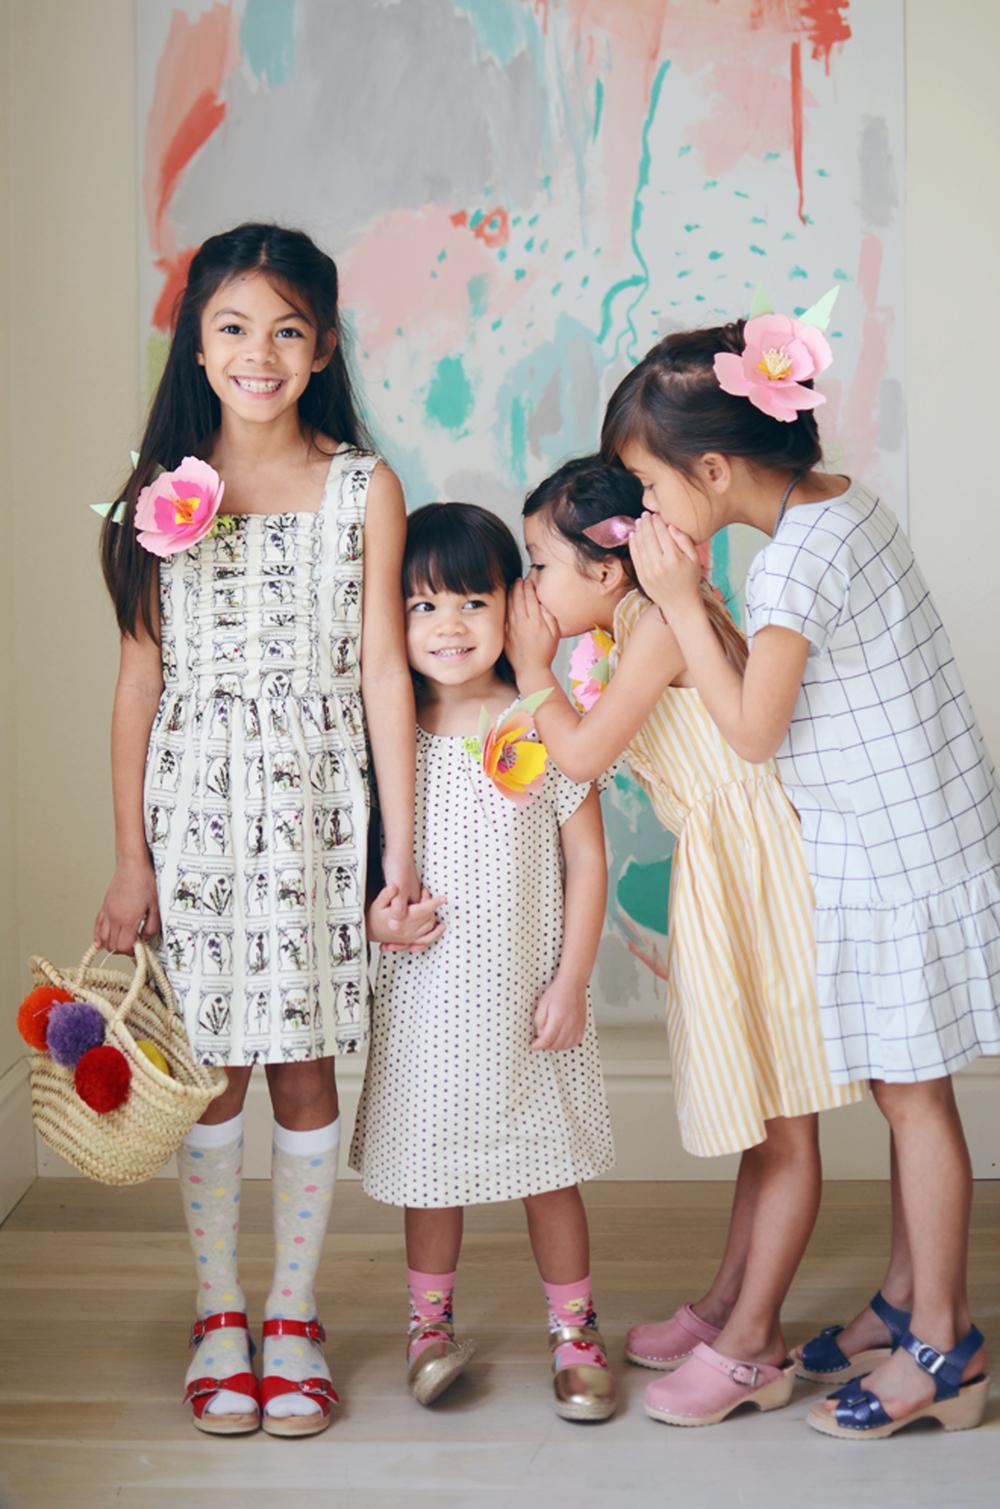 DIY floral corsage + easter dresses